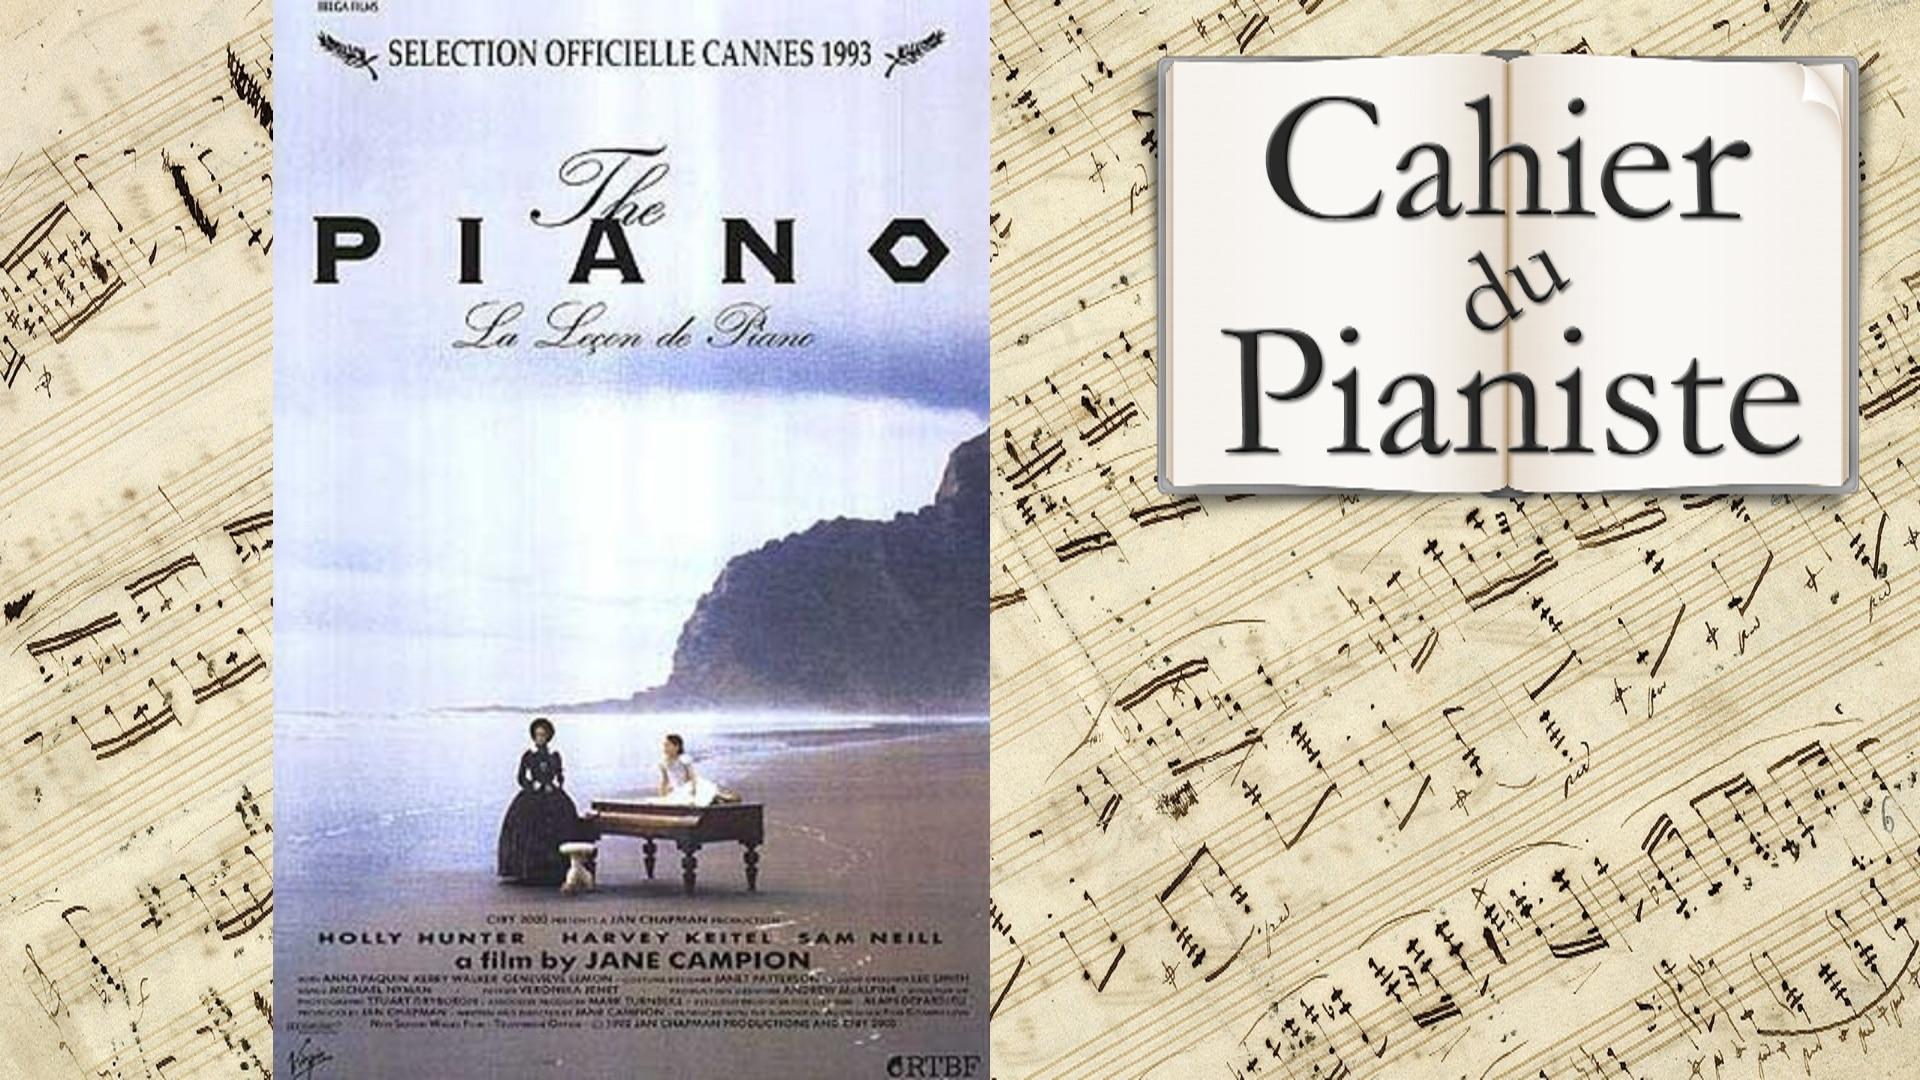 18_la_lecon_de_piano